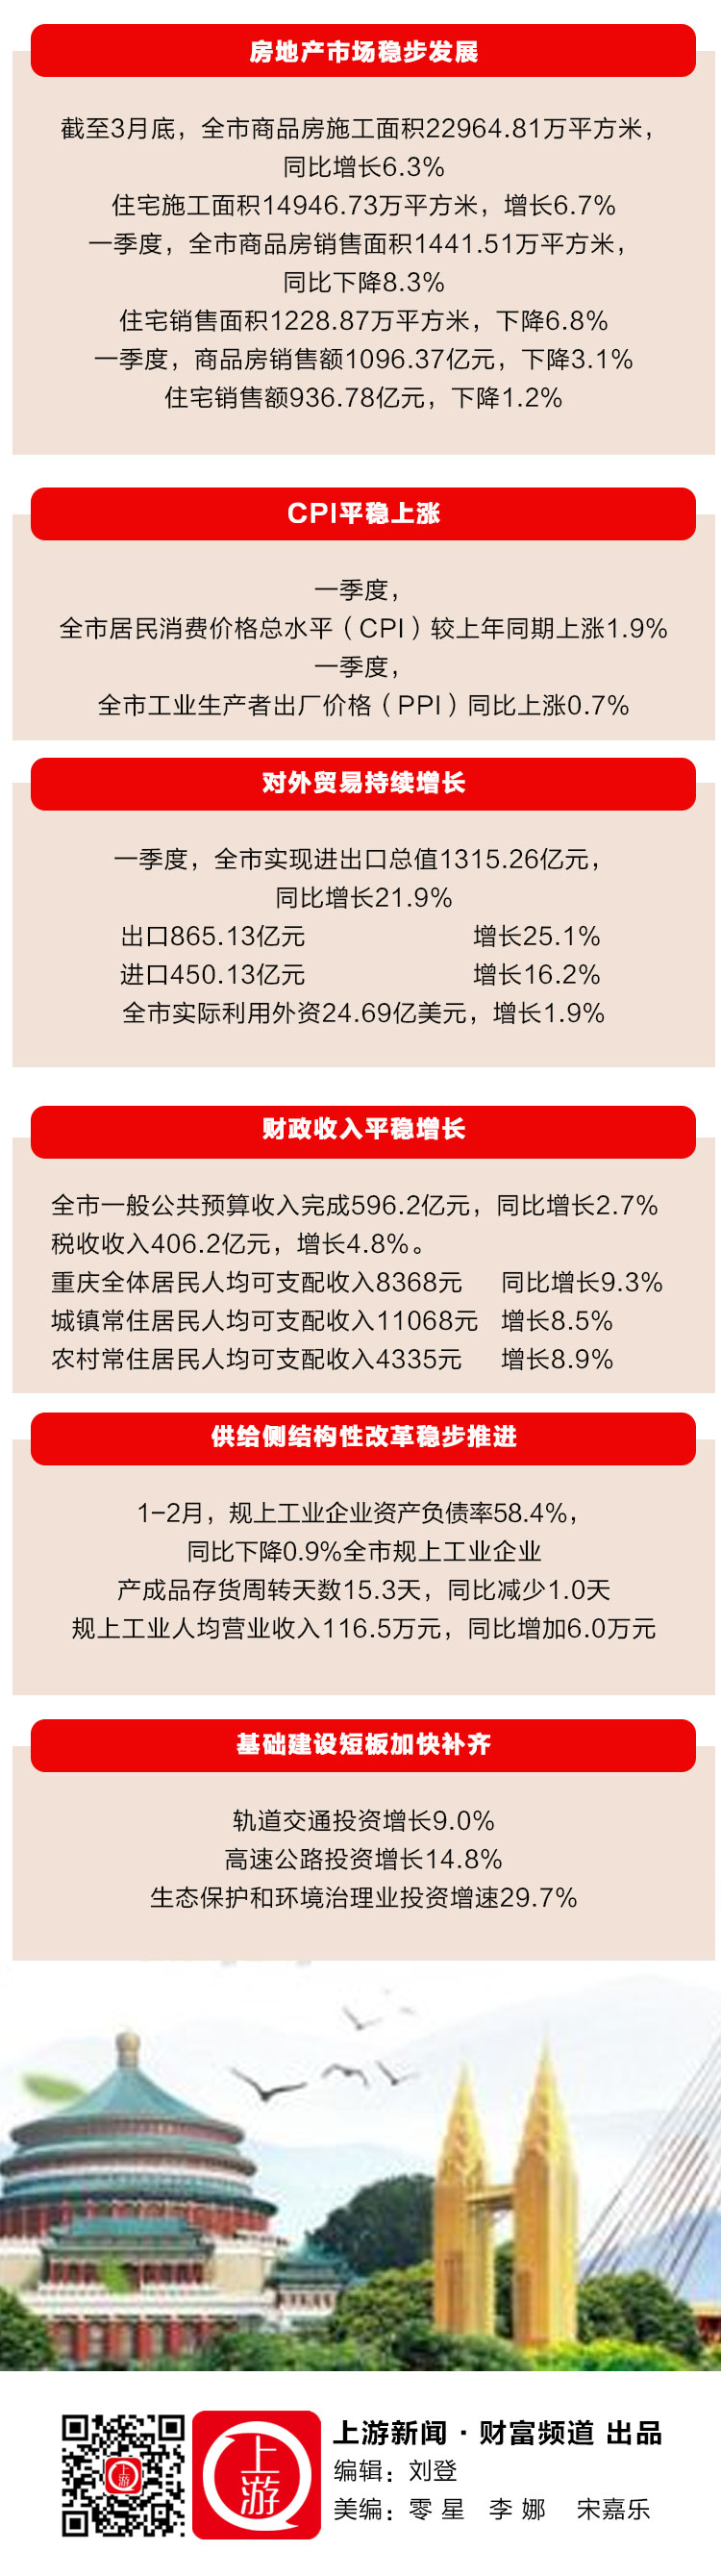 """一图看懂2019一季度重庆经济运行""""成绩单""""_02.jpg"""